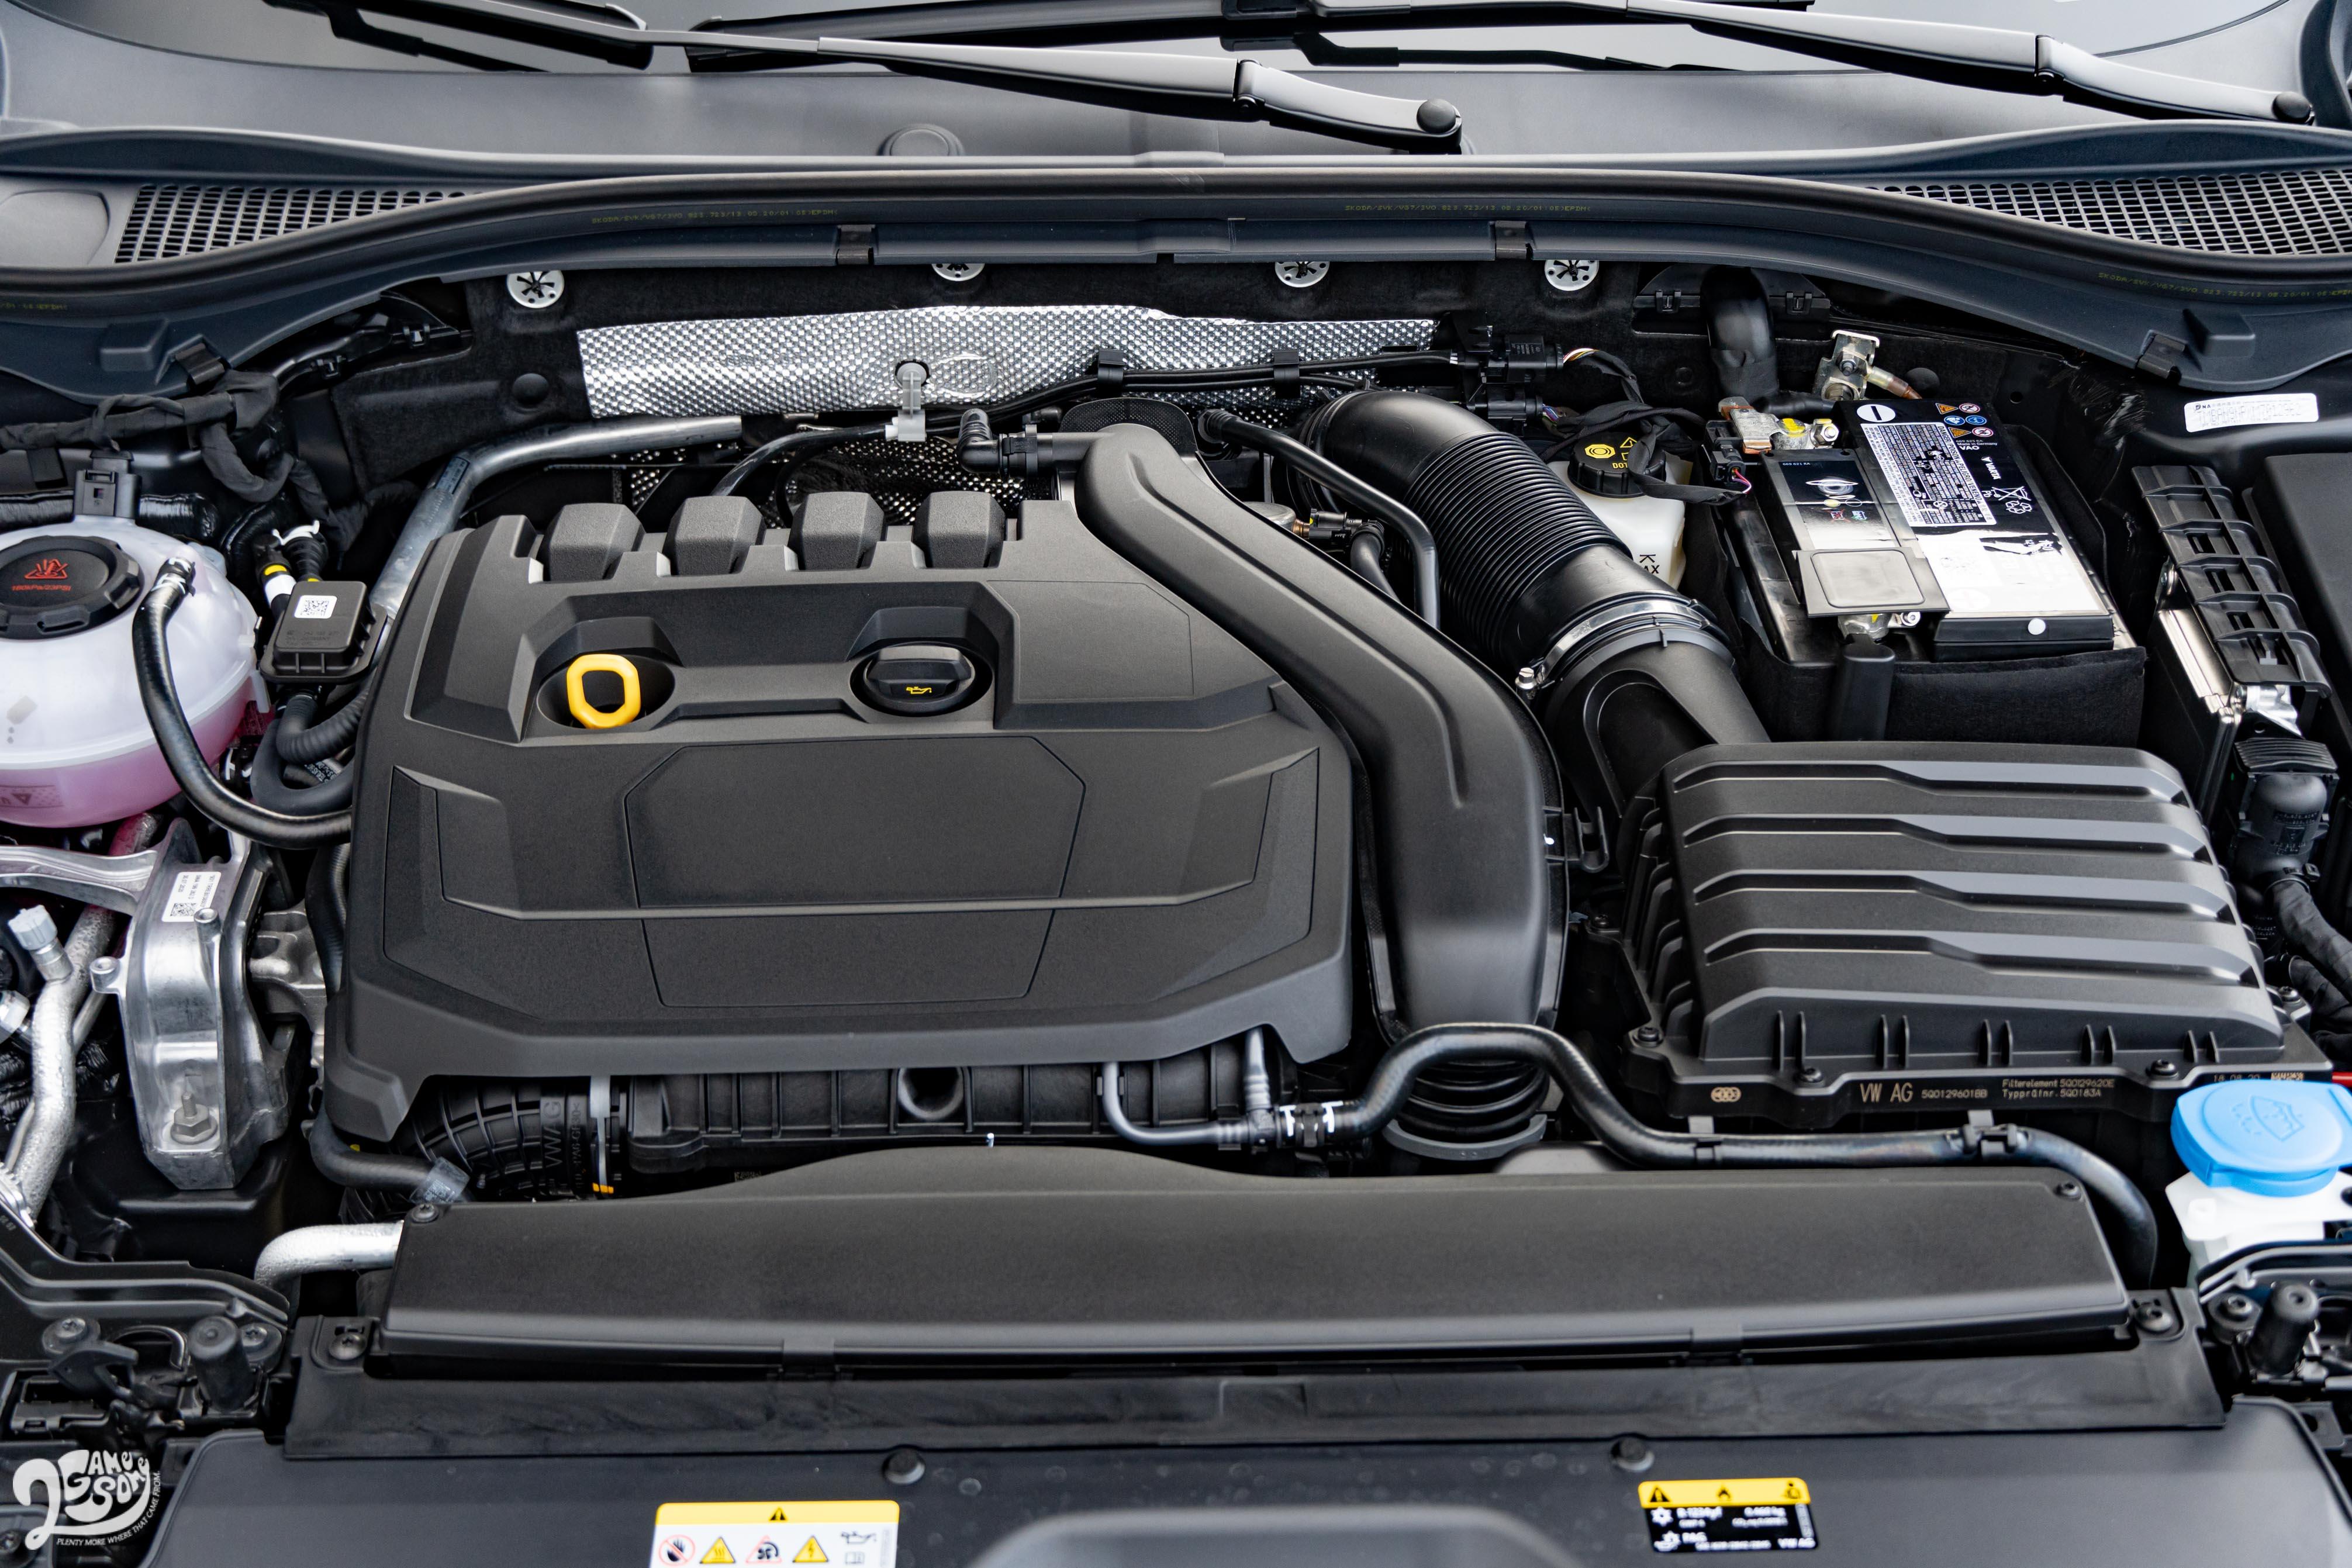 1.5 升渦輪四缸引擎配備 ACT 汽缸引擎歇止系統,搭配七速雙離合器自手排。